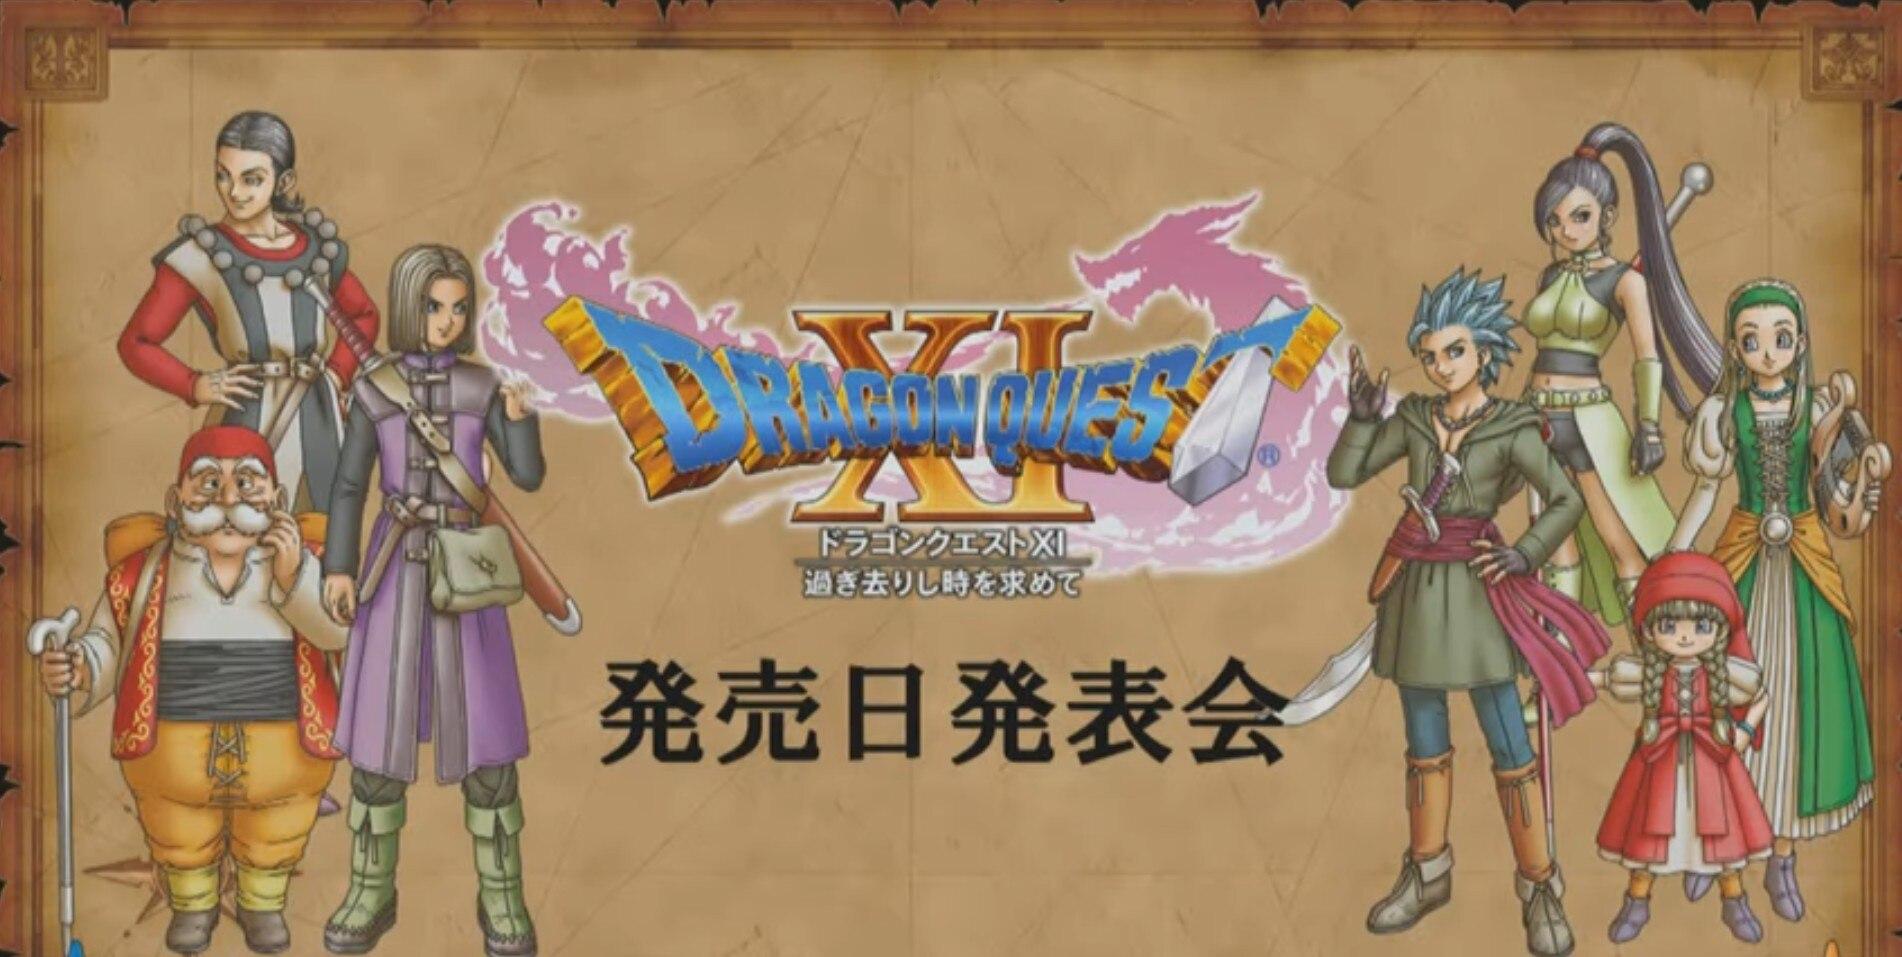 ドラクエ11発売日発表会